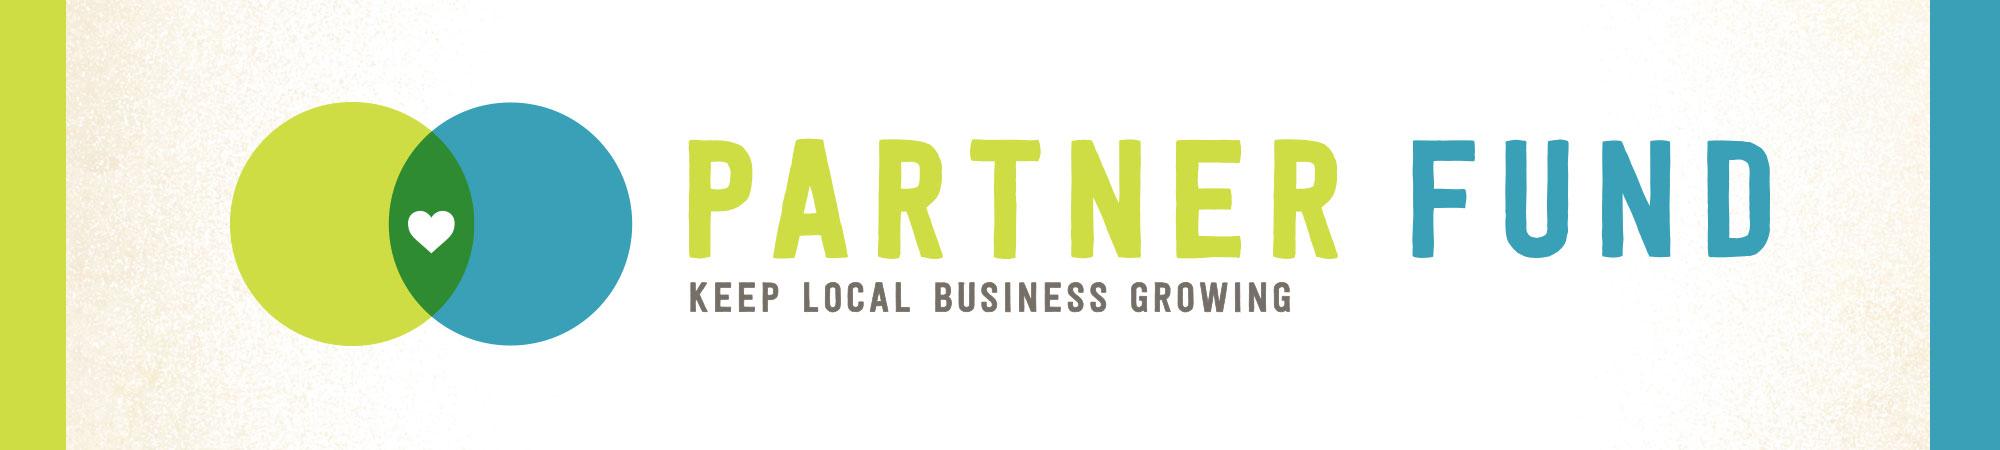 Partner Fund